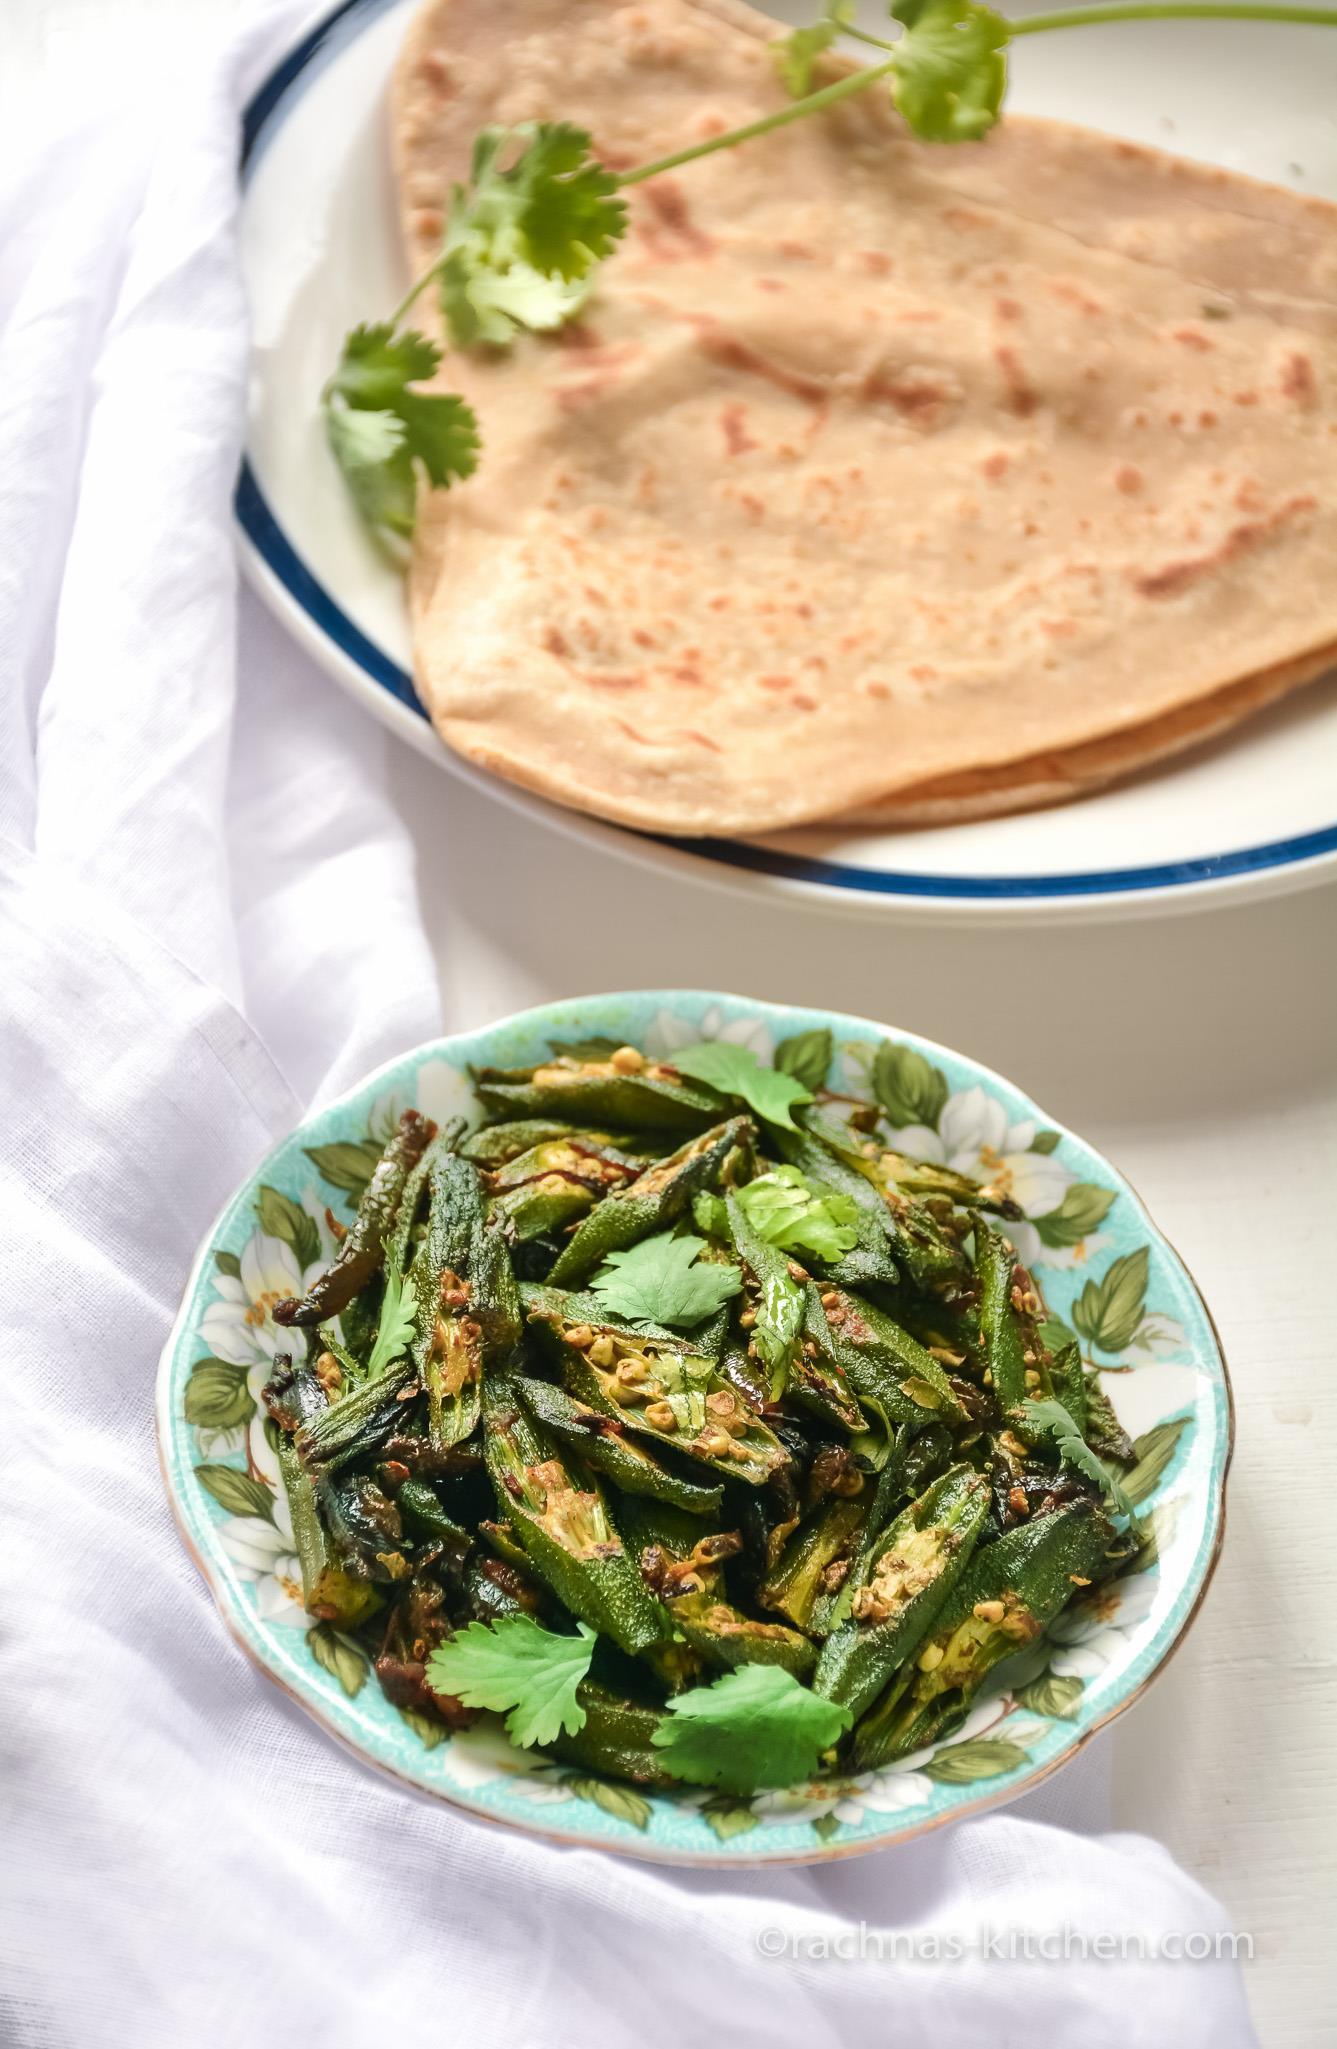 Bhindi fry recipe, How to make bhindi fry | Okra Fry